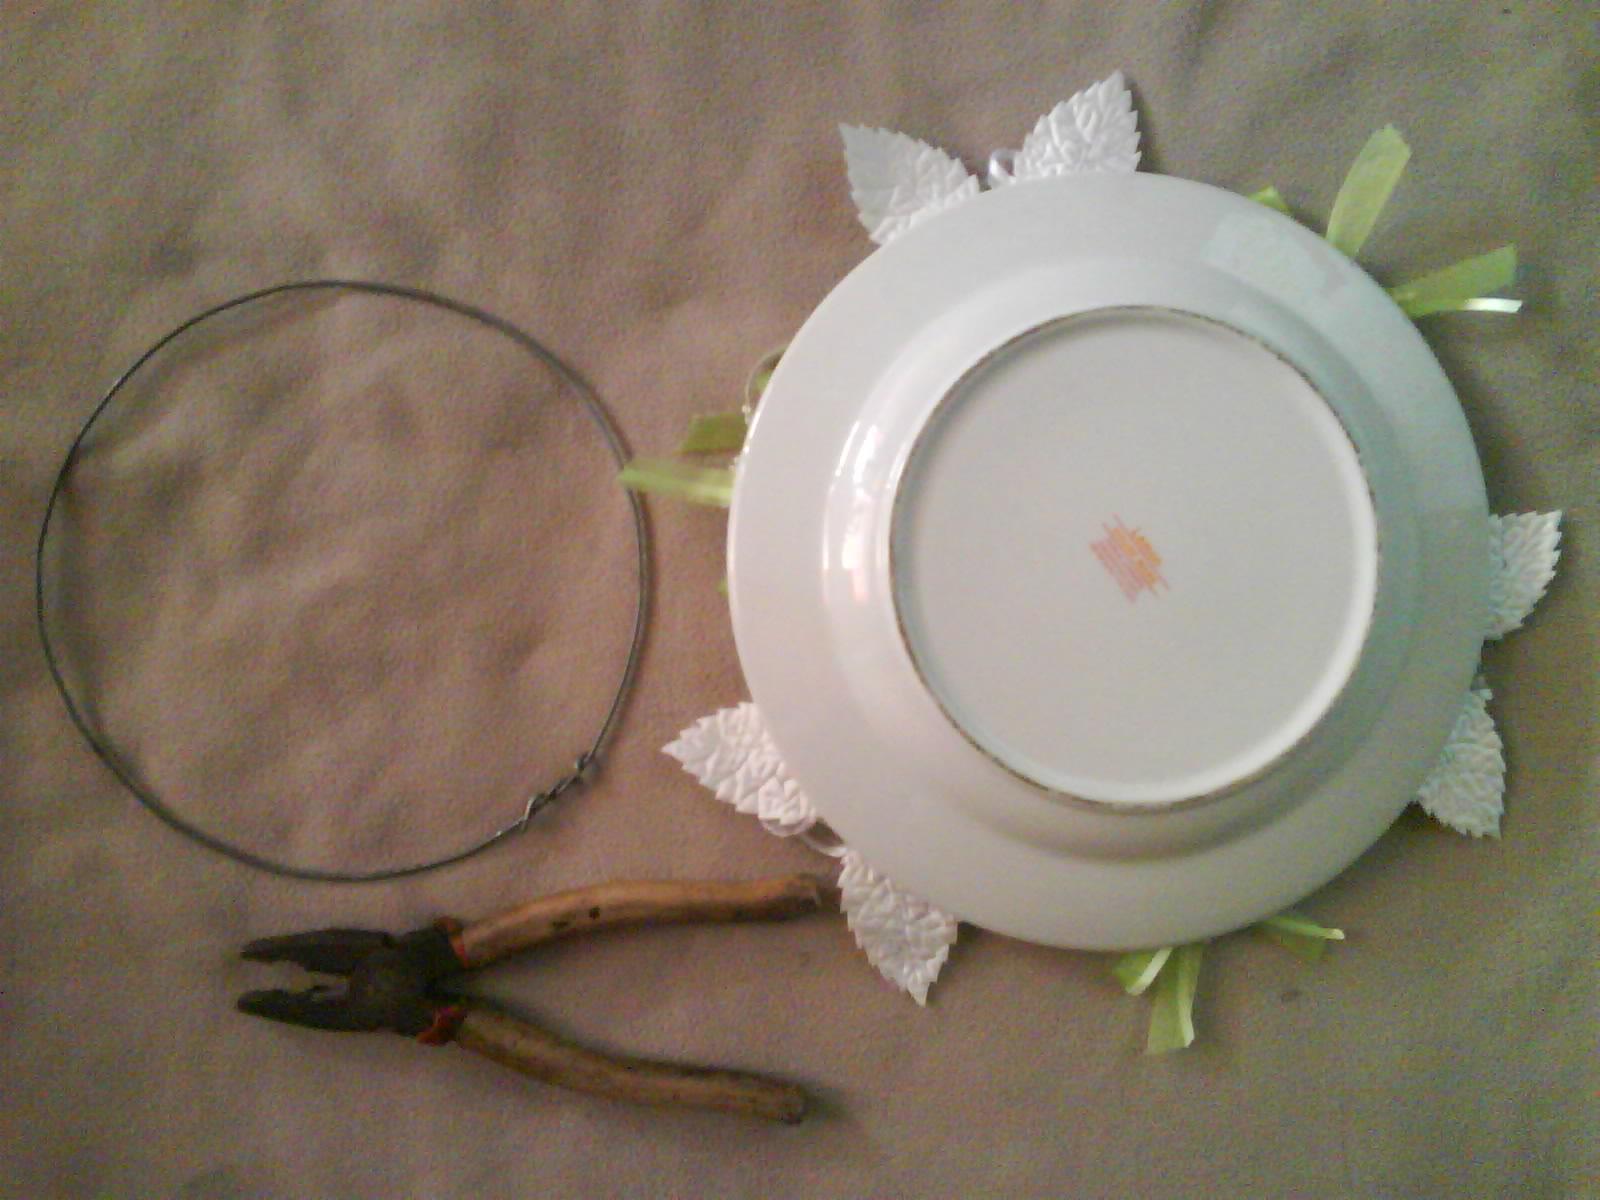 ... tepian piring hias dengan lingkaran kawat yang udah kita bikin tadi